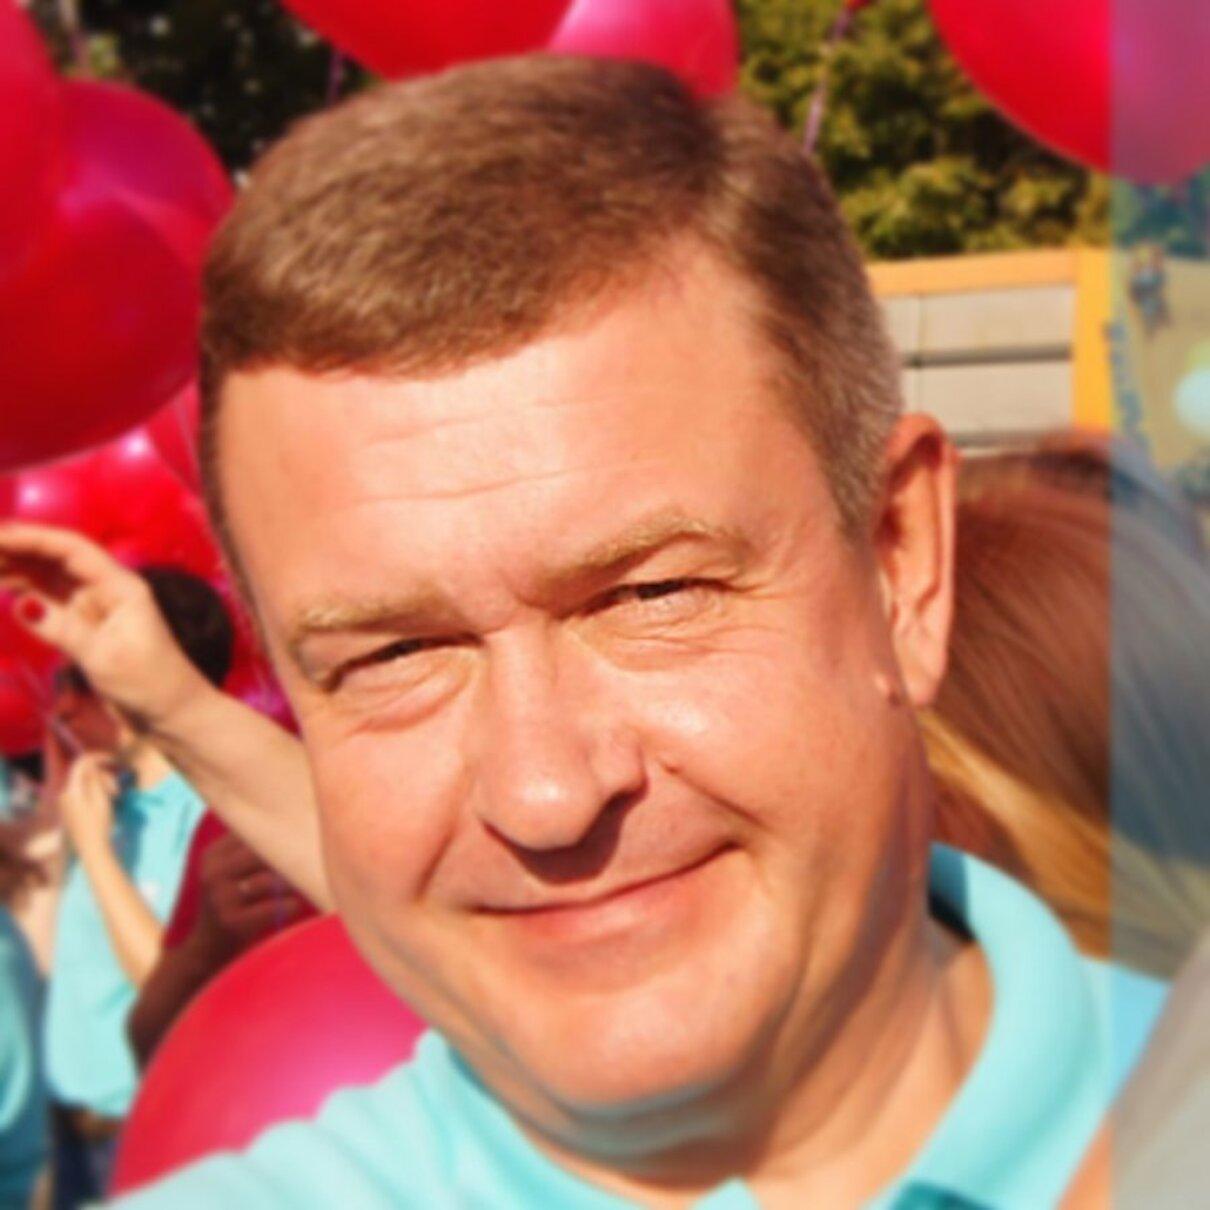 Жалоба-отзыв: Орлов Игорь Алексеевич - Внимание!!! Папинкин сынок.  Фото №1